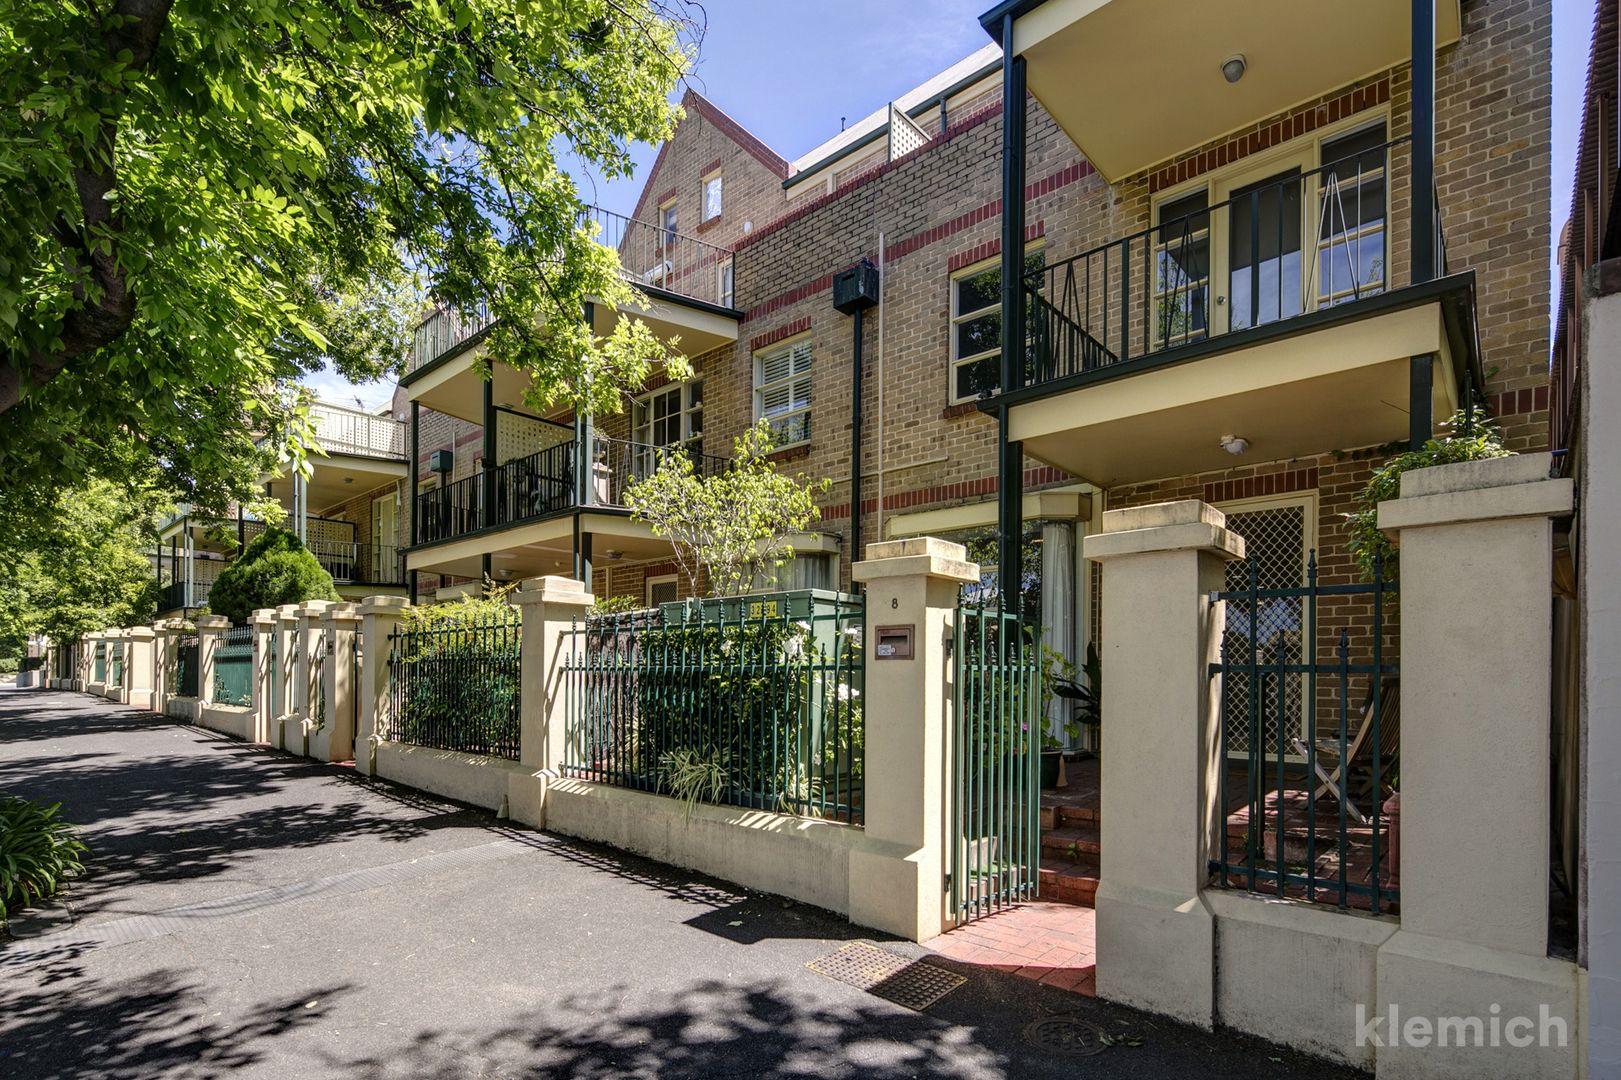 8/11 Pennington Terrace, North Adelaide SA 5006, Image 0